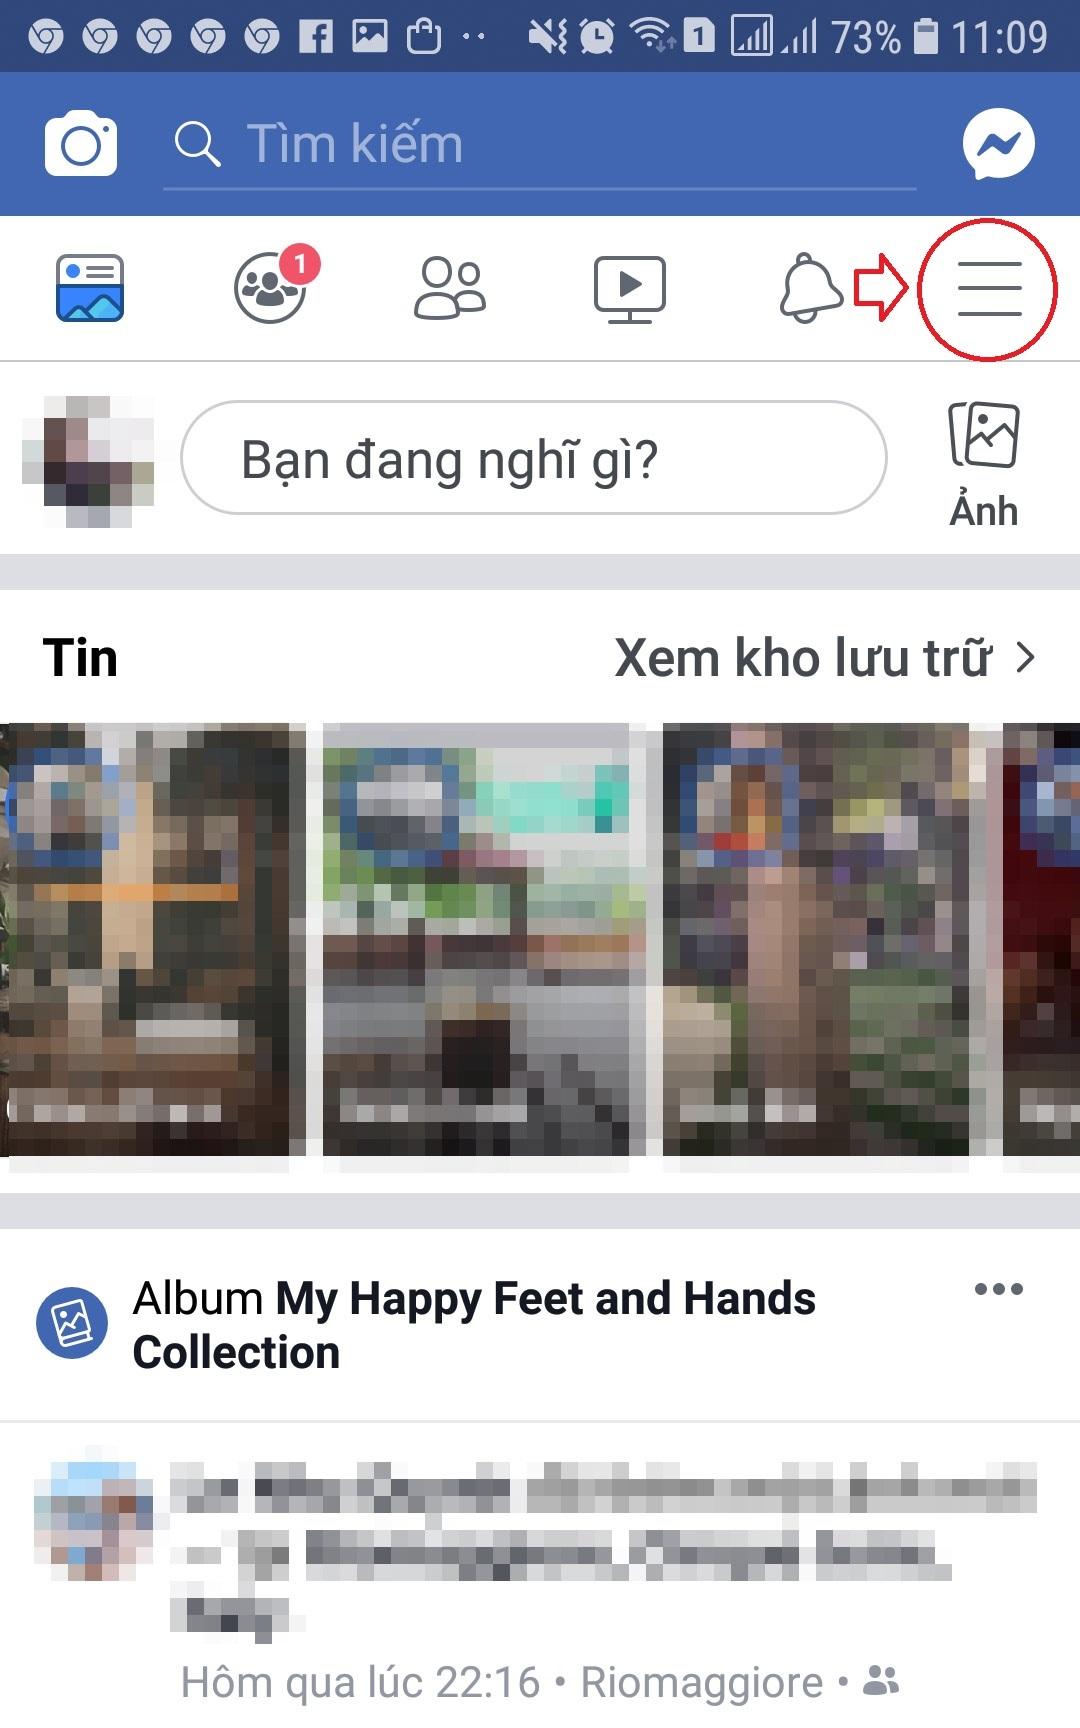 Facebook,ứng dụng Facebook